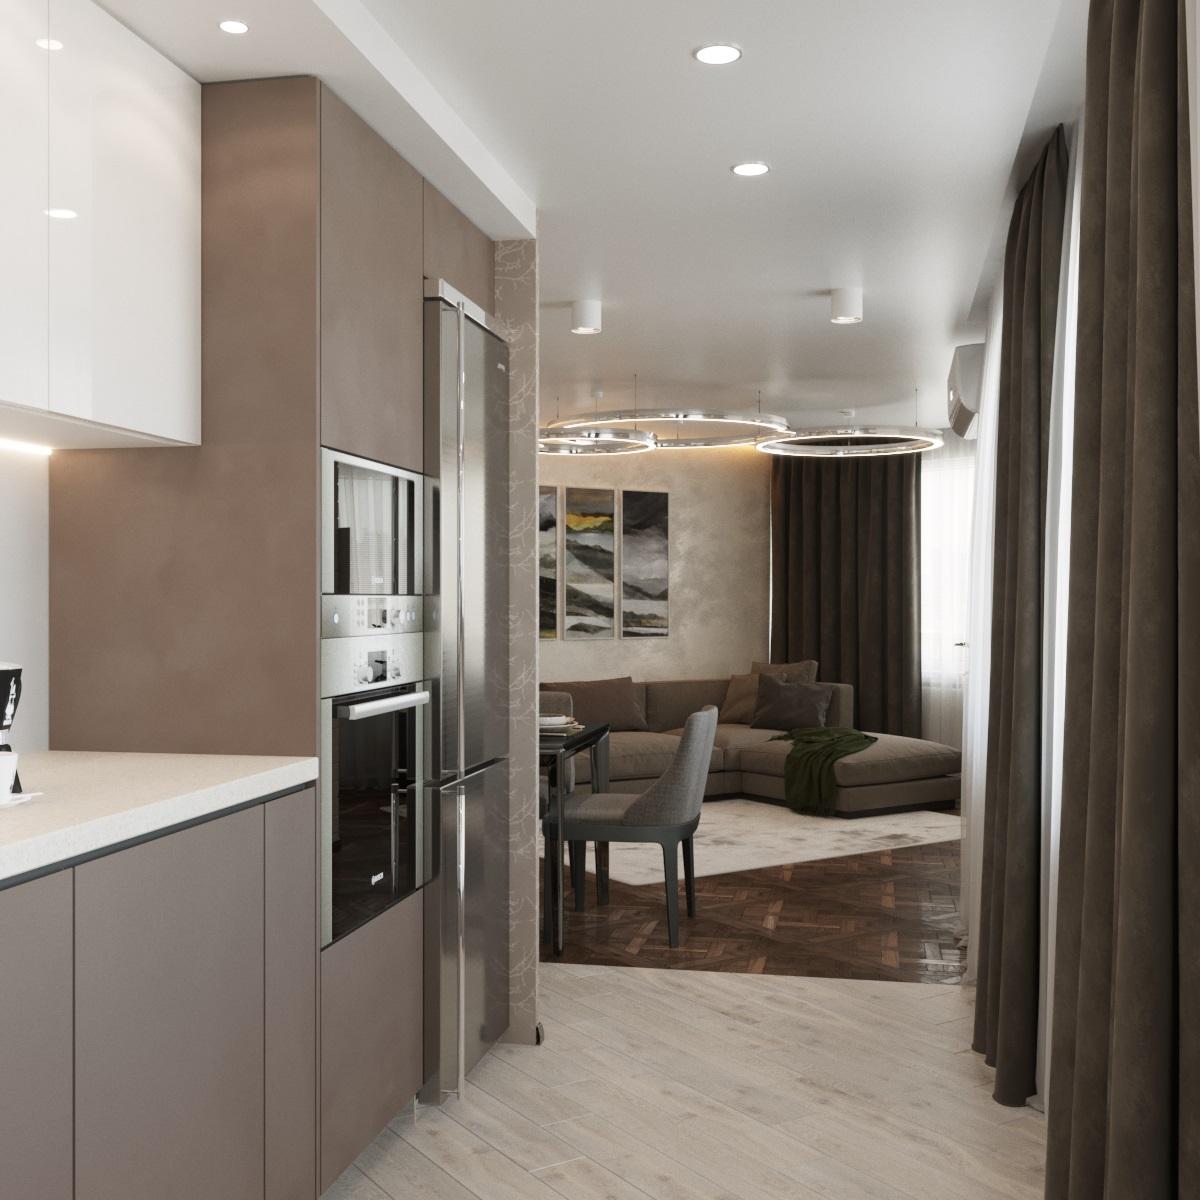 3-х комнатная квартира Современный стиль (Гостиная)